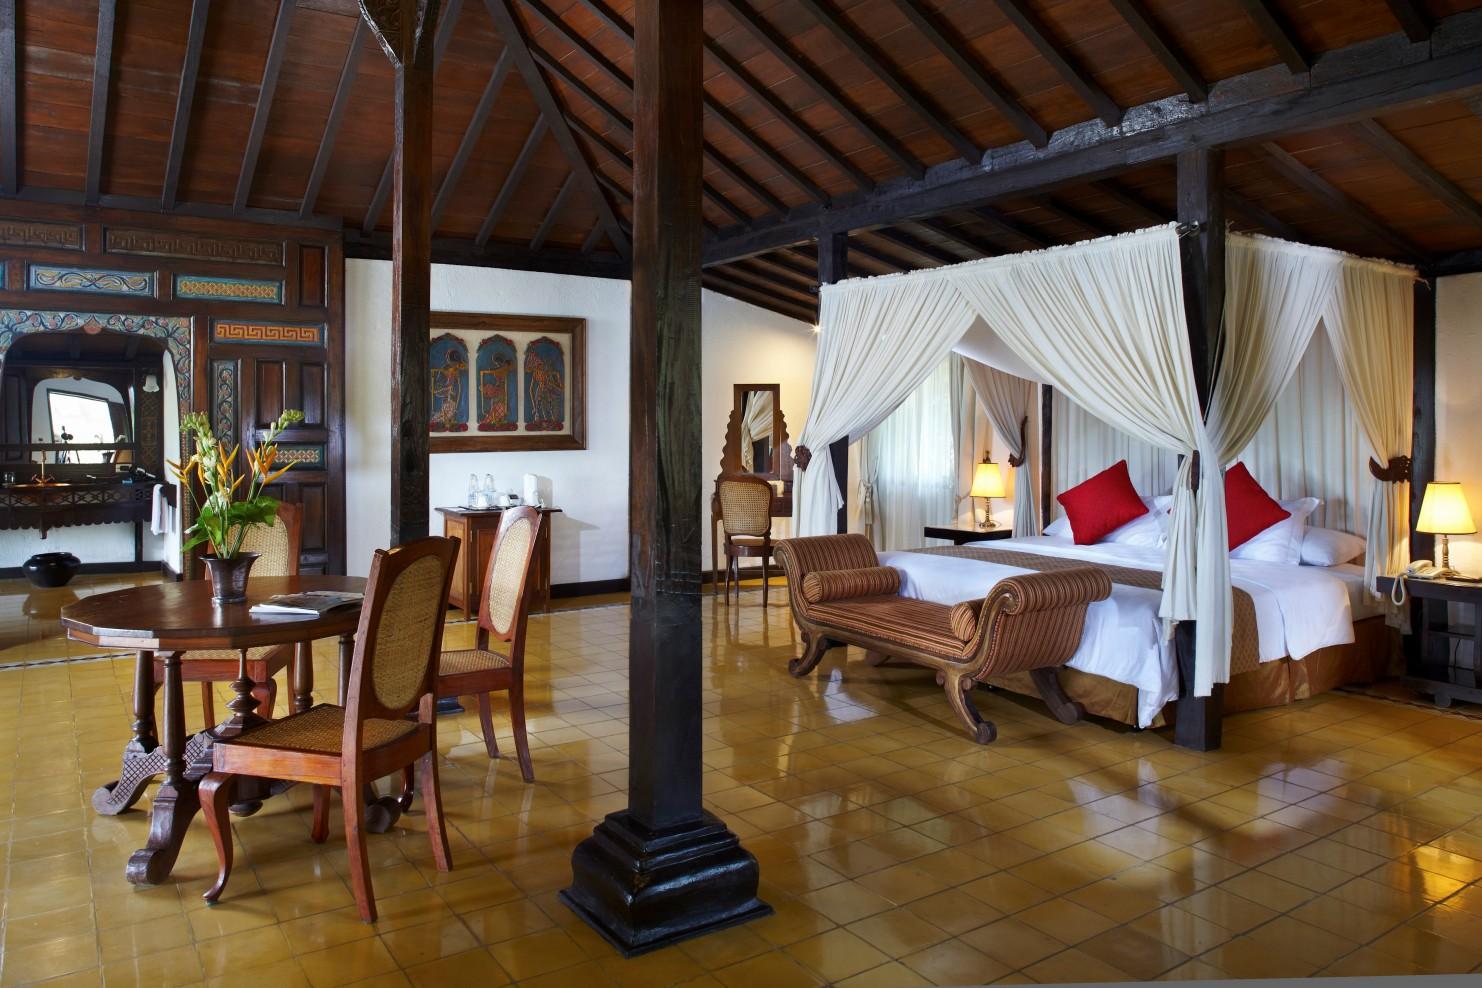 Mesastila hotel banyubiru yogyakarta smith hotels